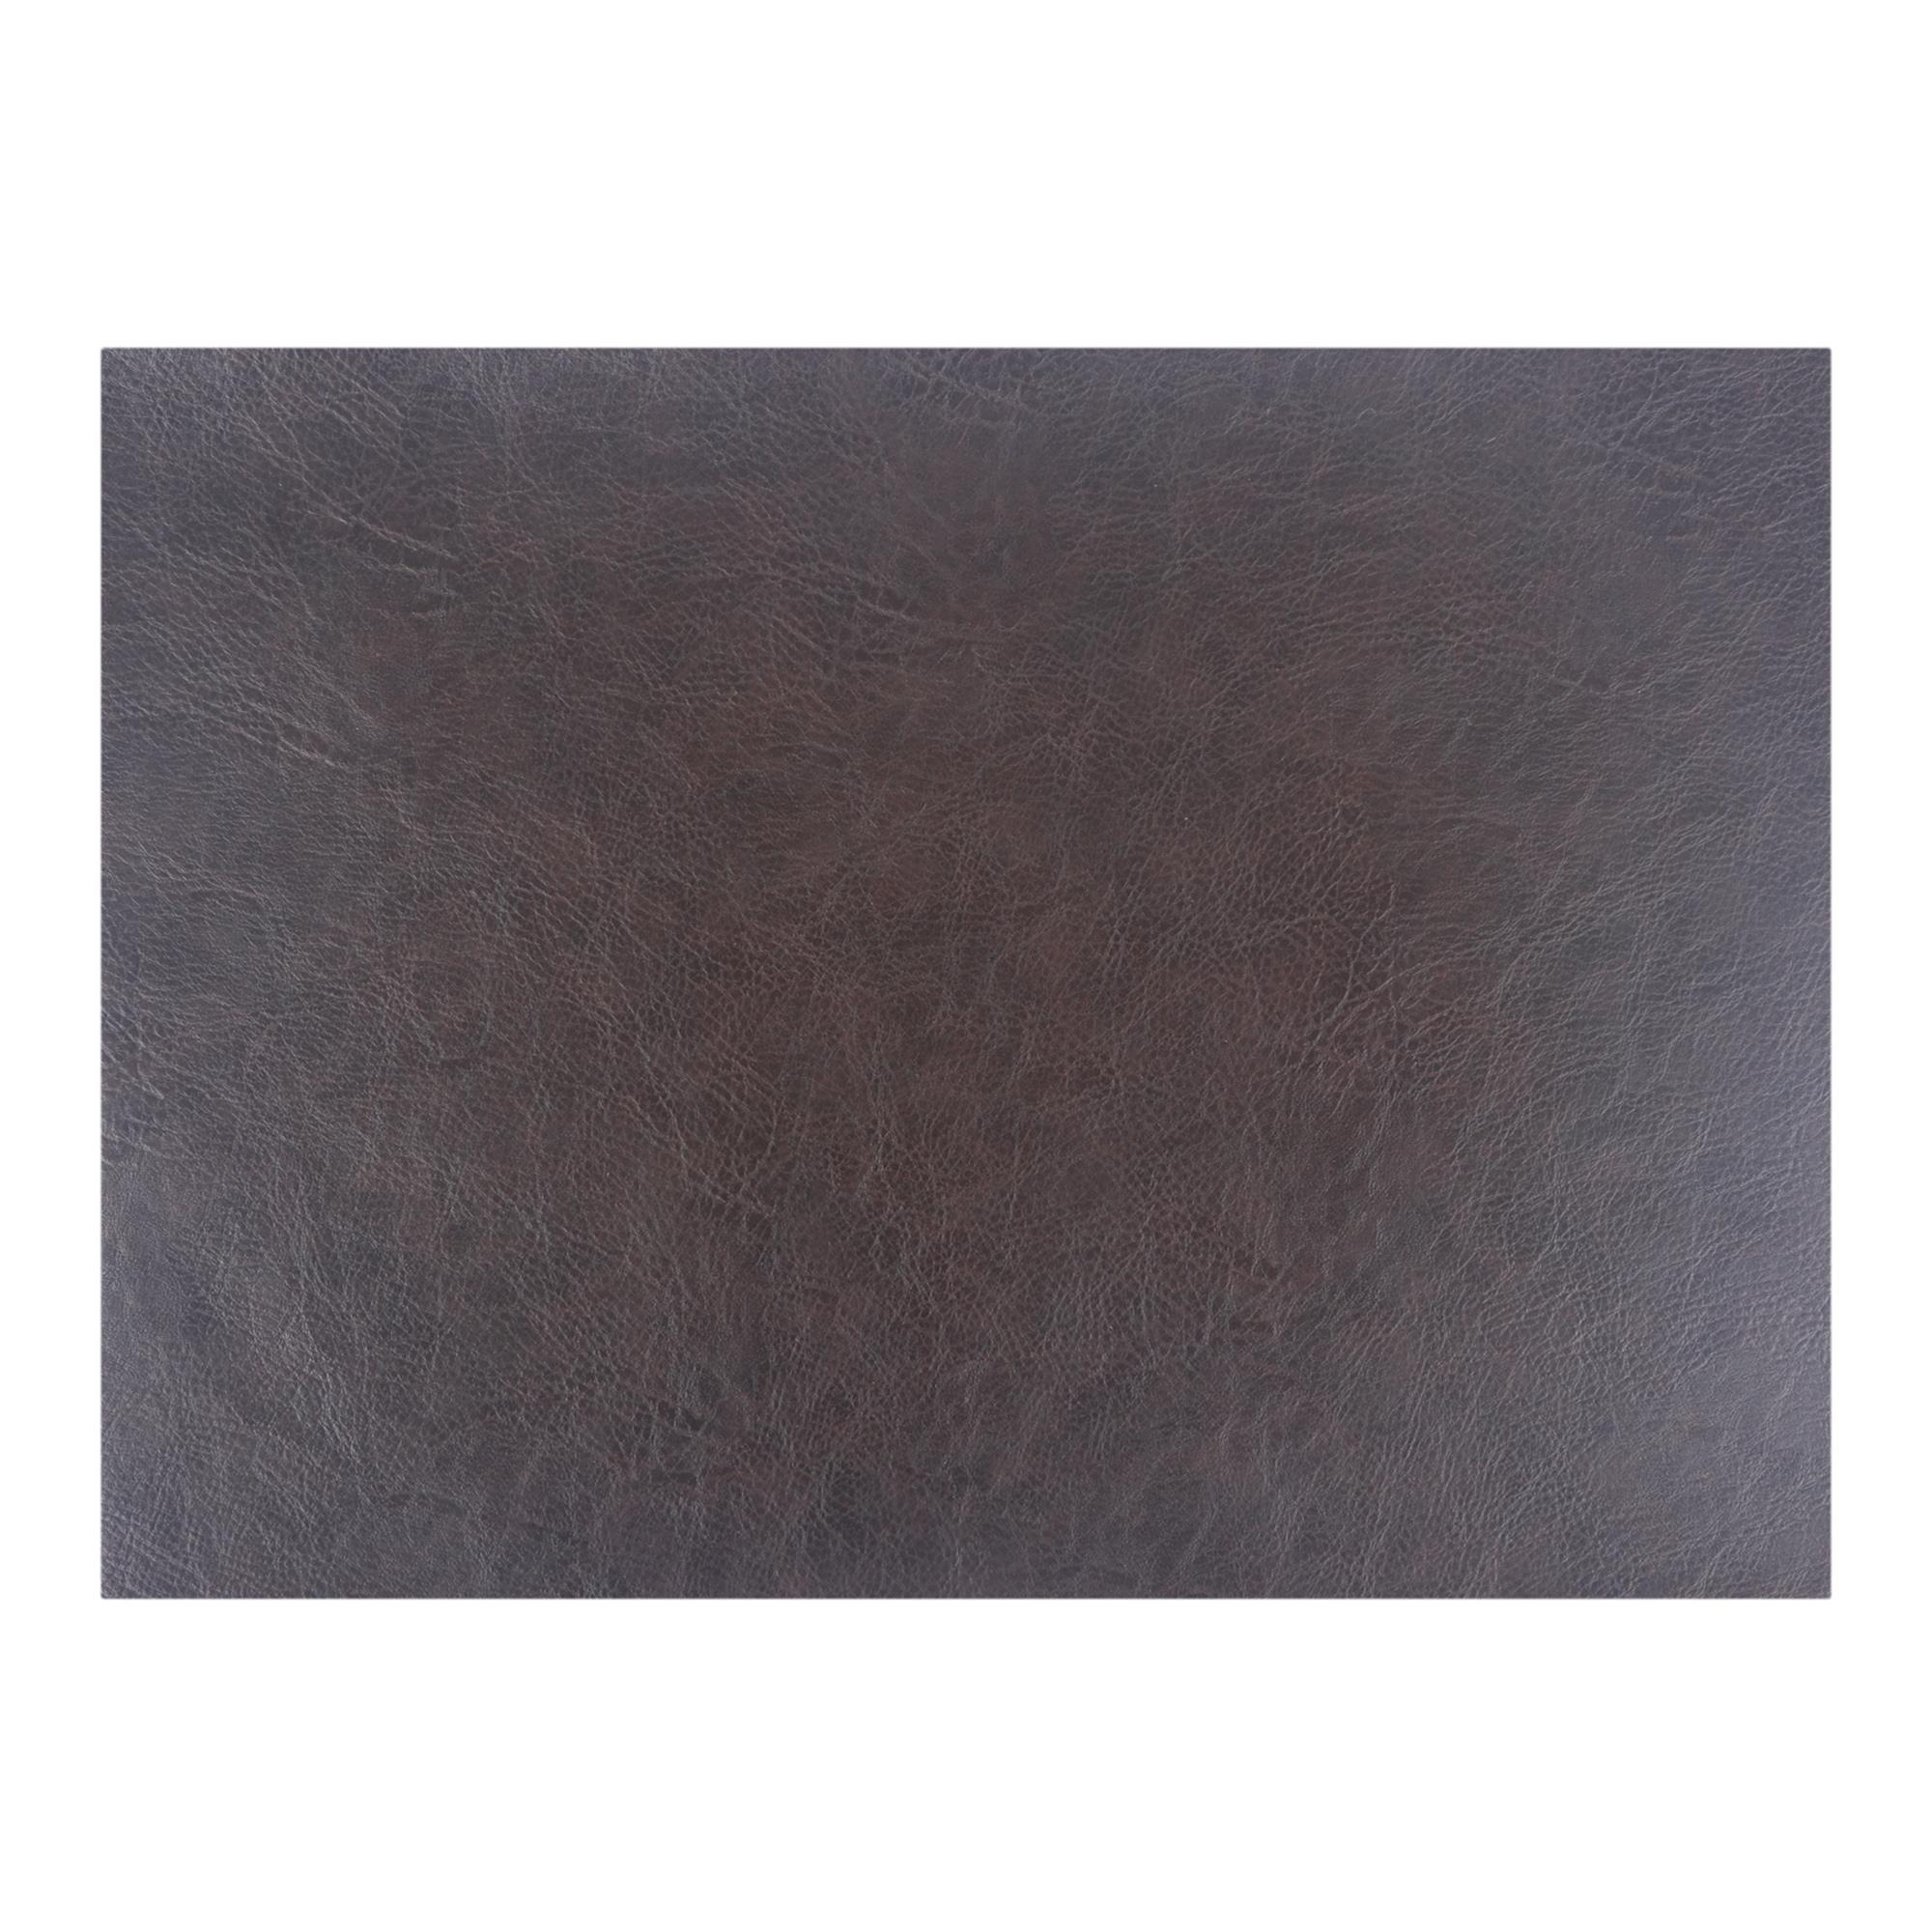 Фото - Салфетка под посуду Asa selection черный кофе 46x33 см салфетка под посуду asa selection tabletops 46x33 см